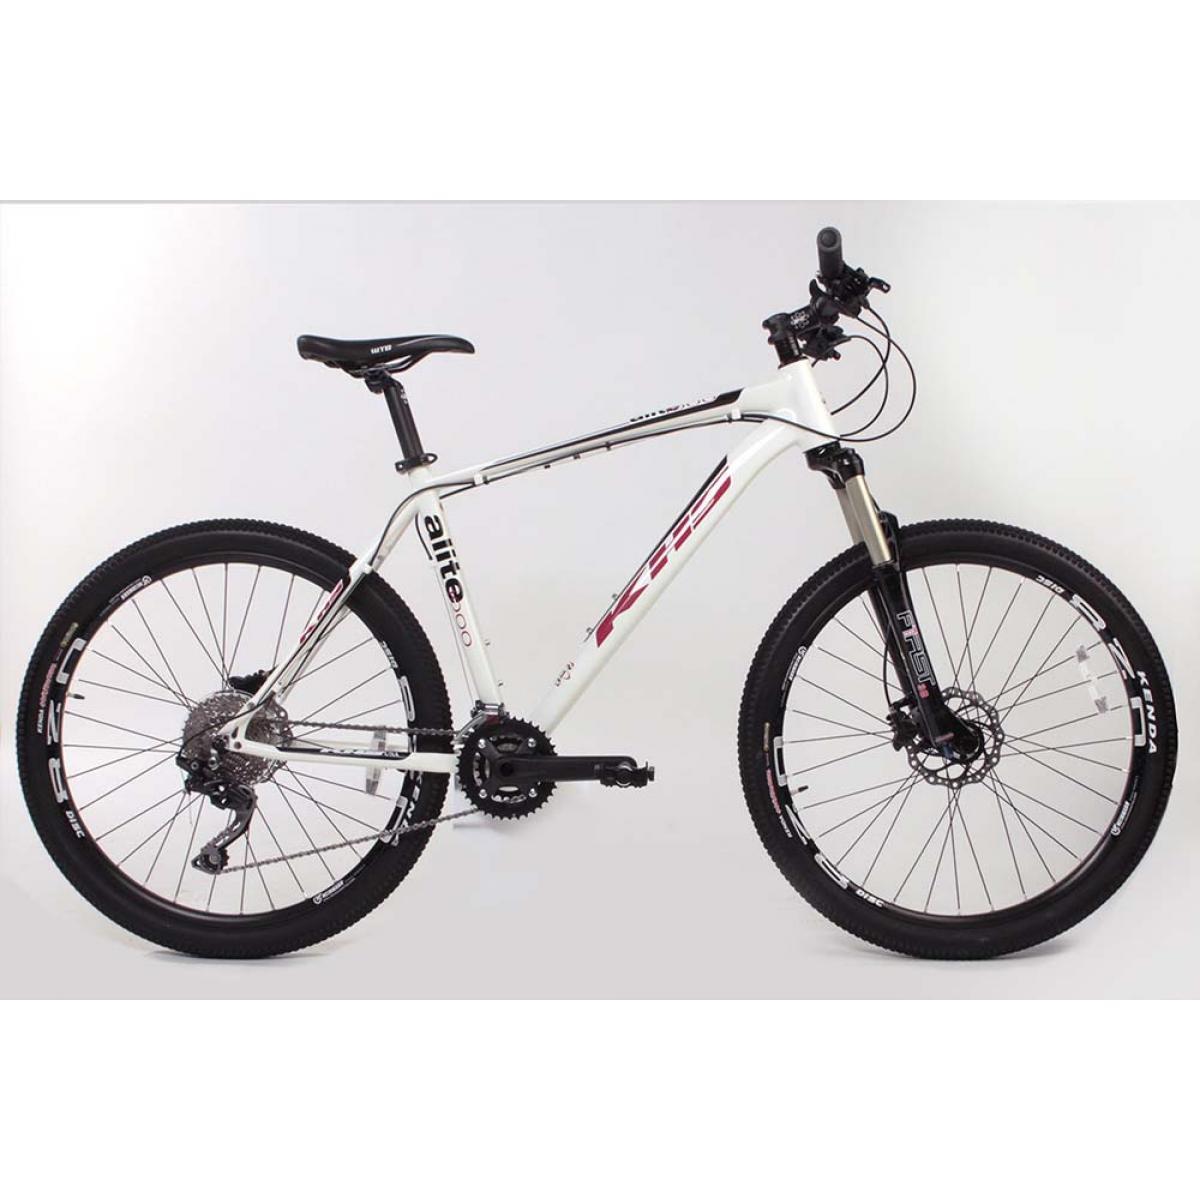 Велосипед горный KHS Alite 1000 2016, цвет: белый, рама 21, колесо 26258588